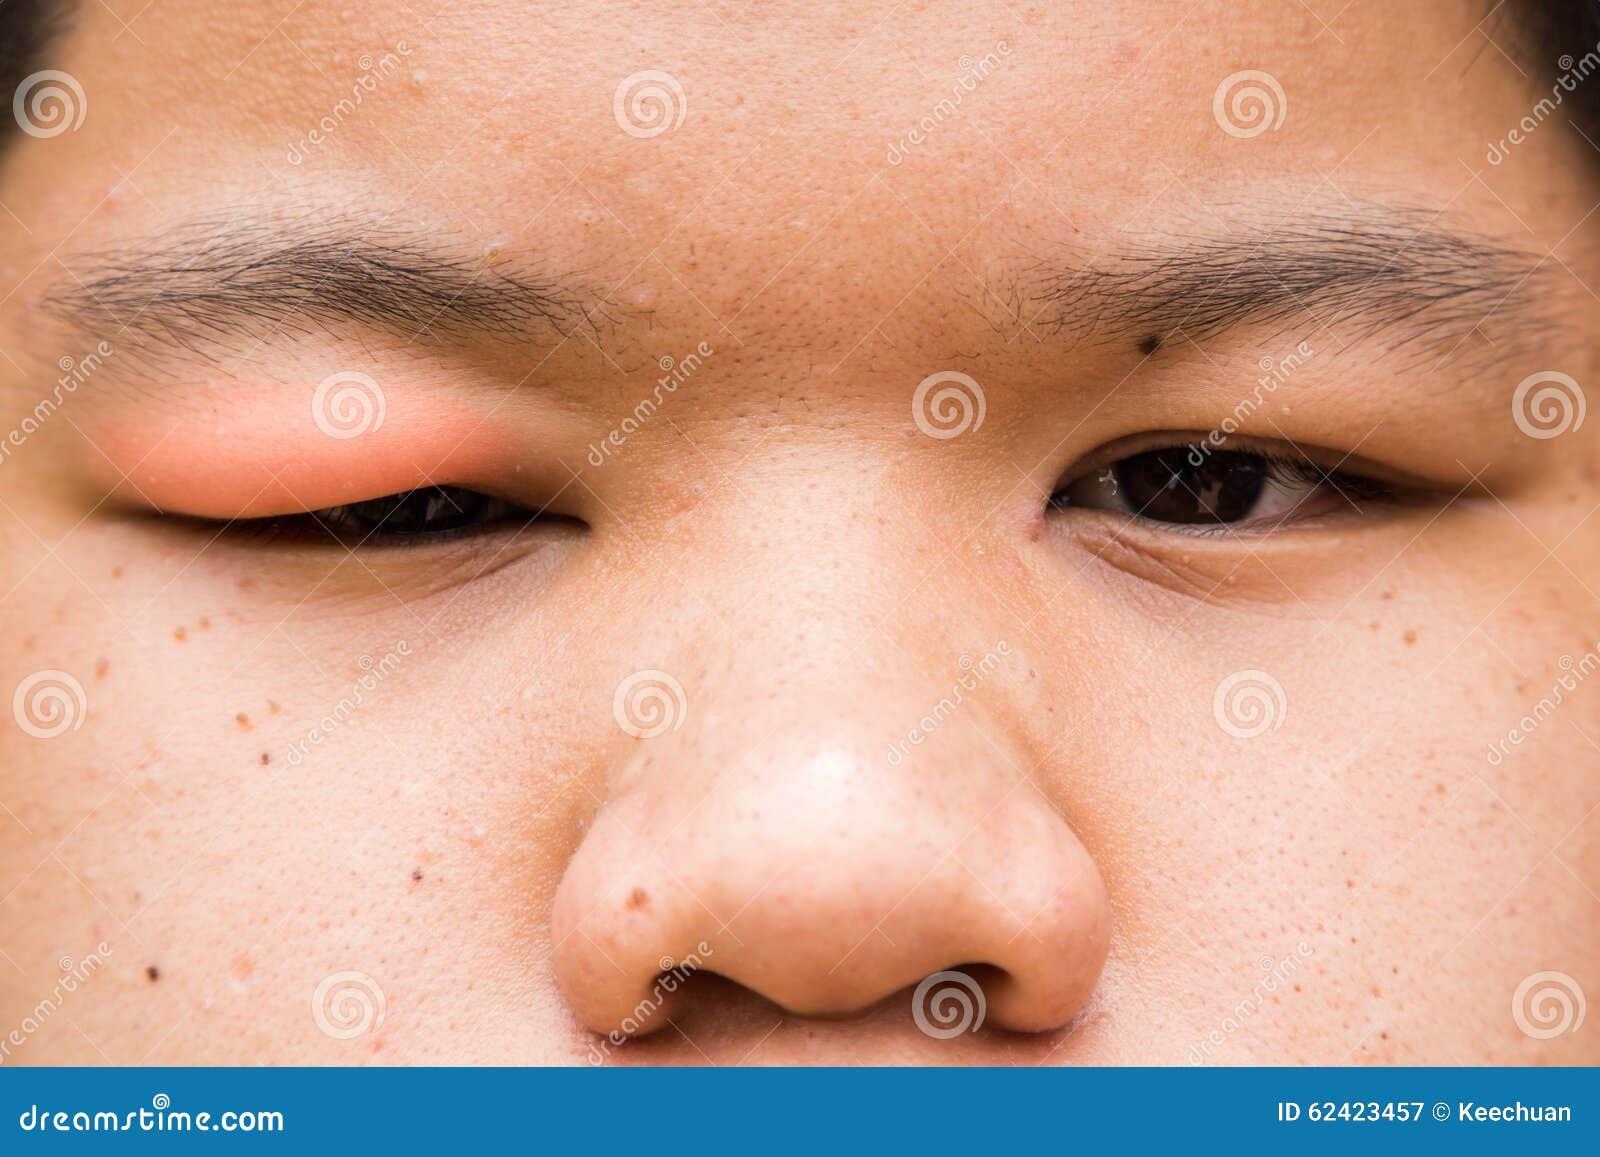 有猪圈传染起始的圆鼓的红色上部眼睛盒盖